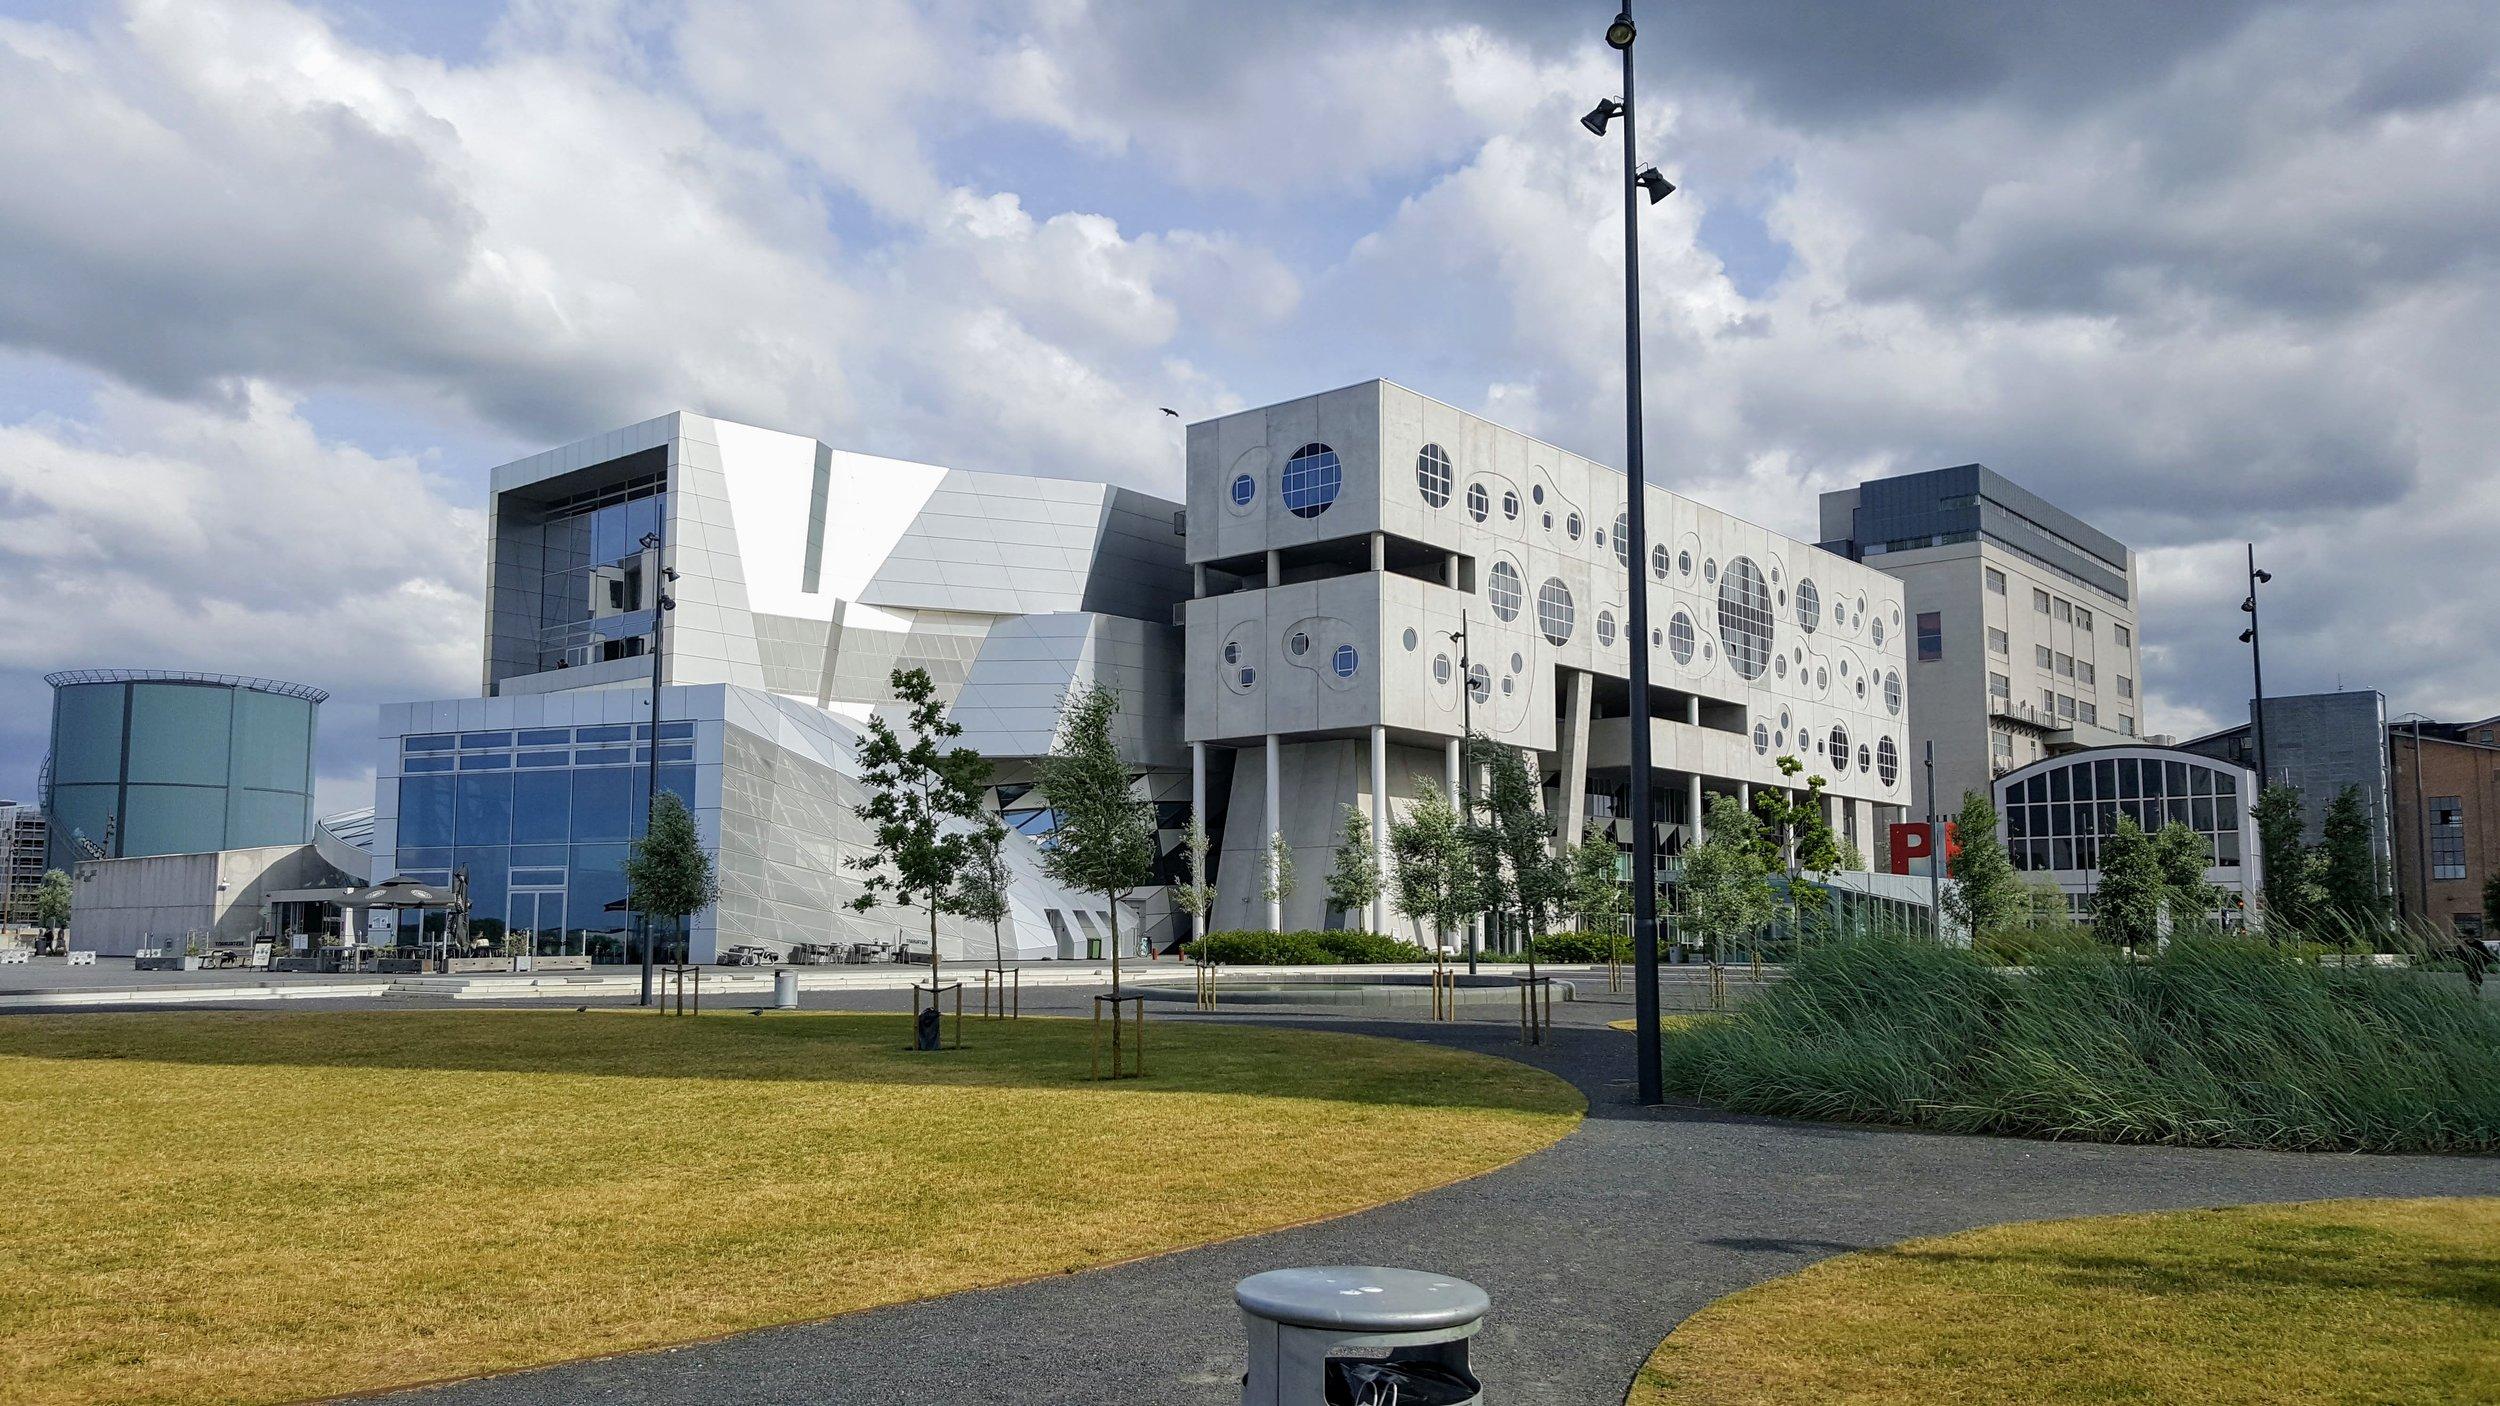 Architecture in Aalborg